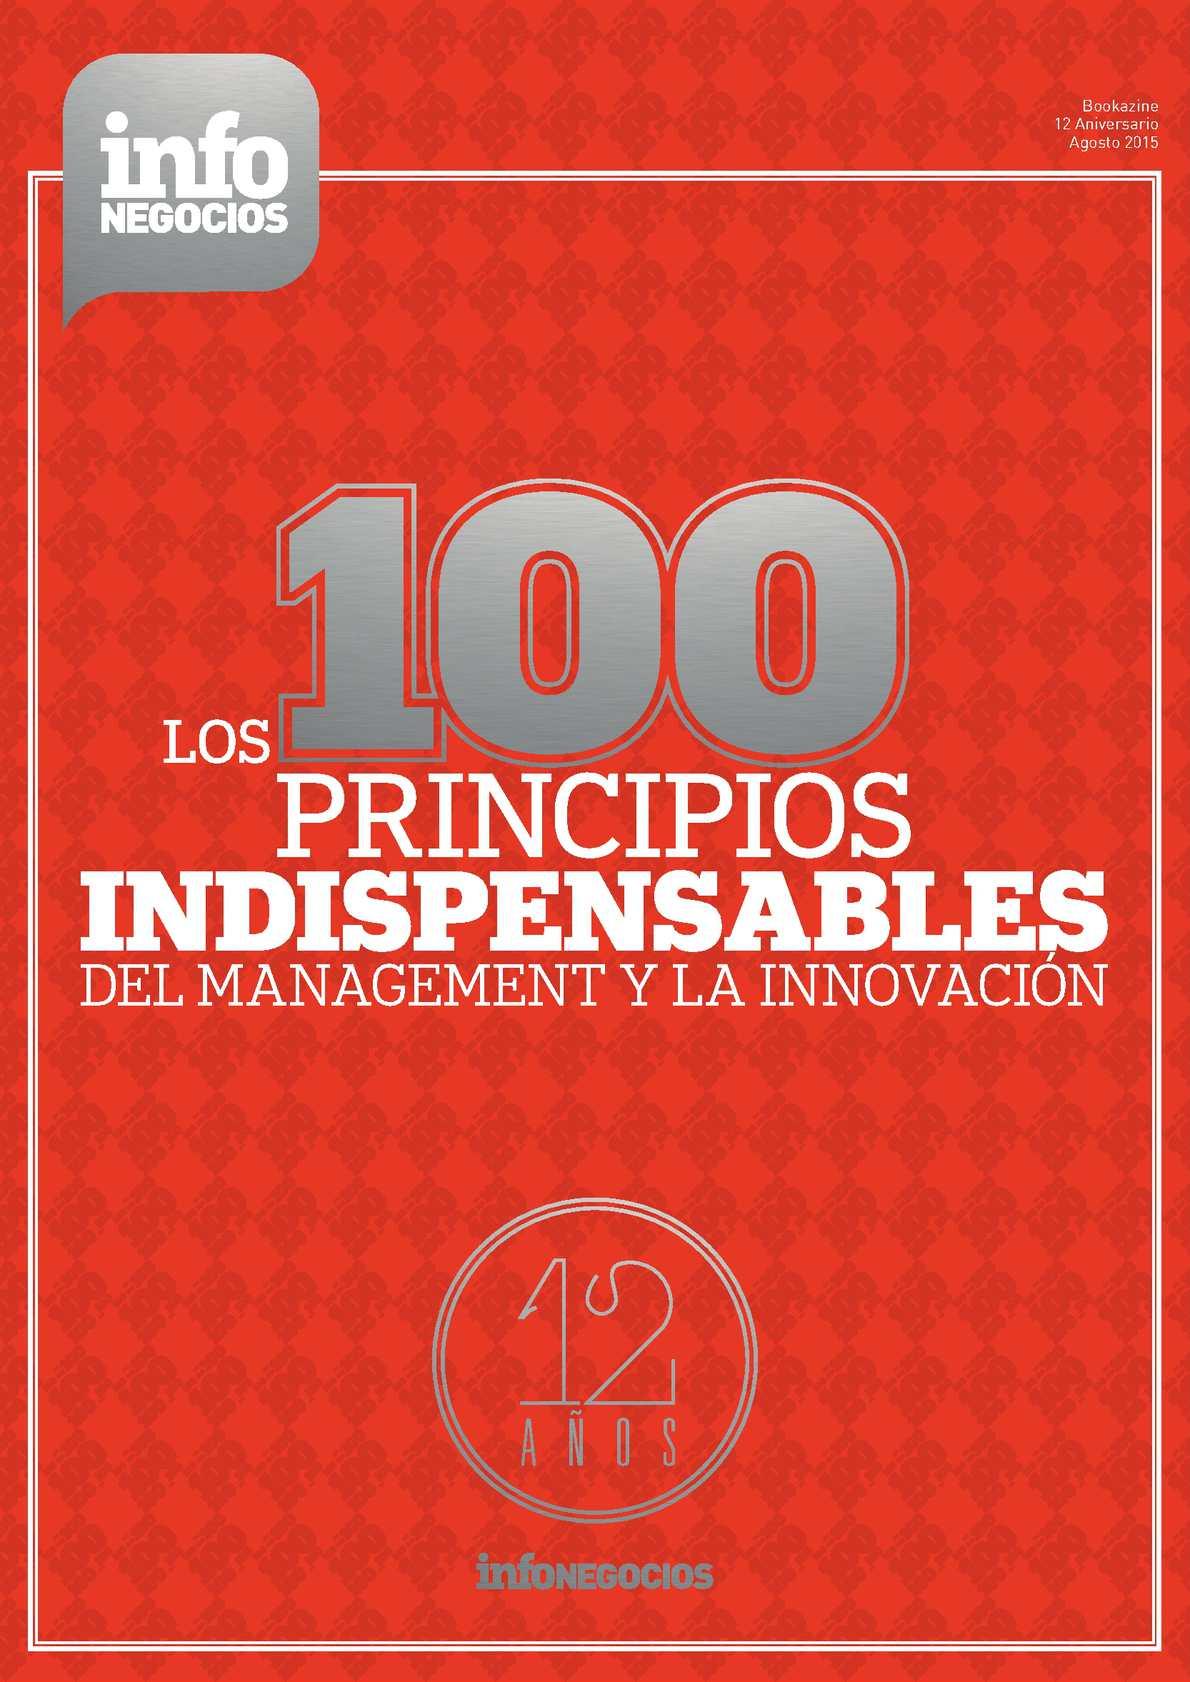 Los 100 Principios Indispensables del Management y la Innovación